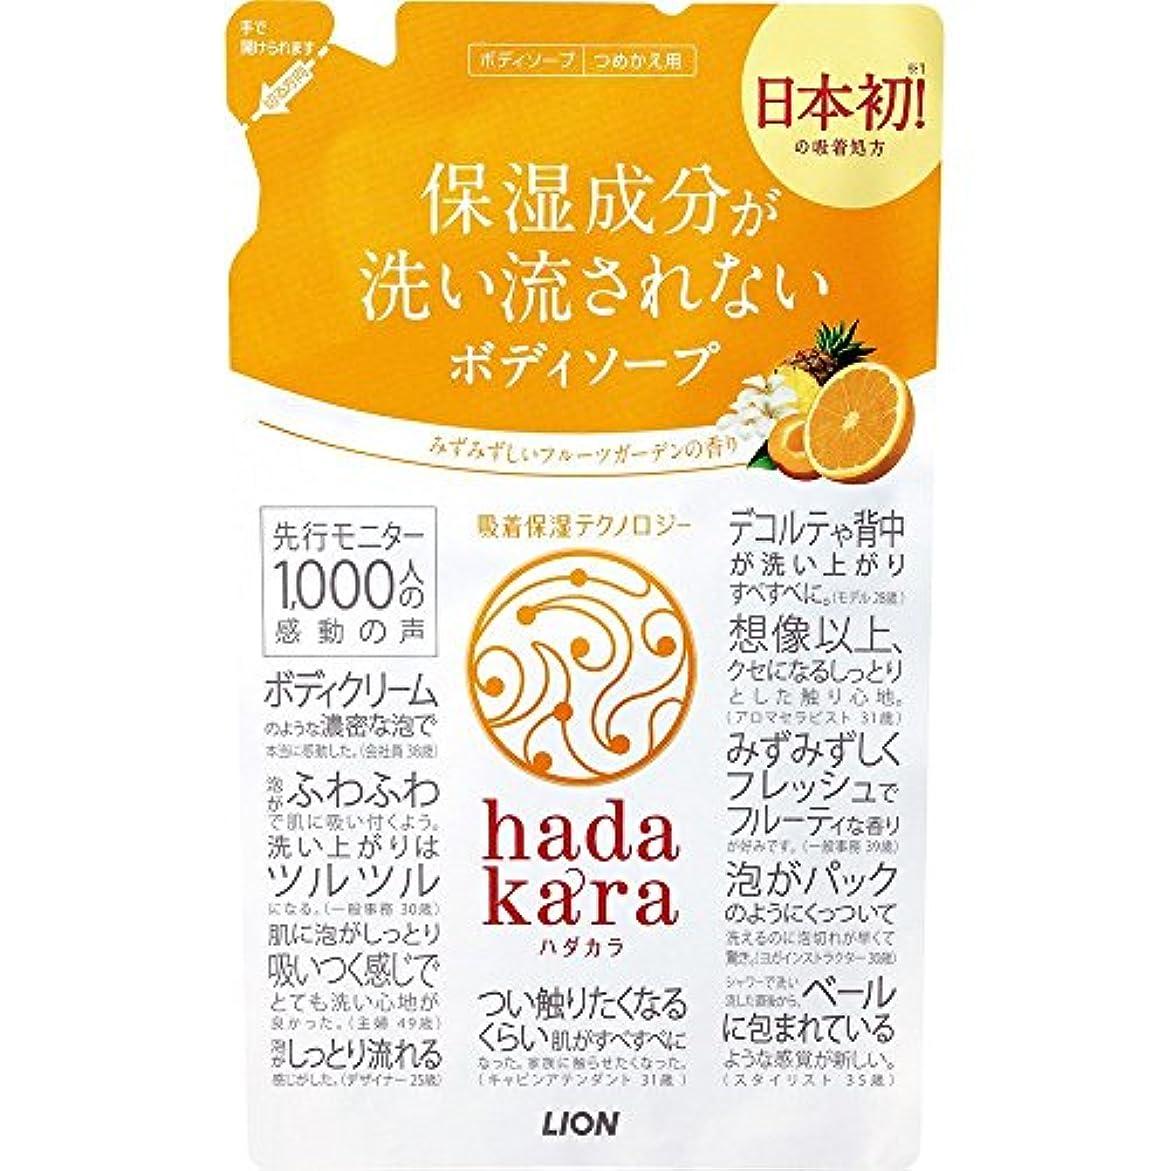 hadakara(ハダカラ) ボディソープ フルーツガーデンの香り 詰め替え 360ml